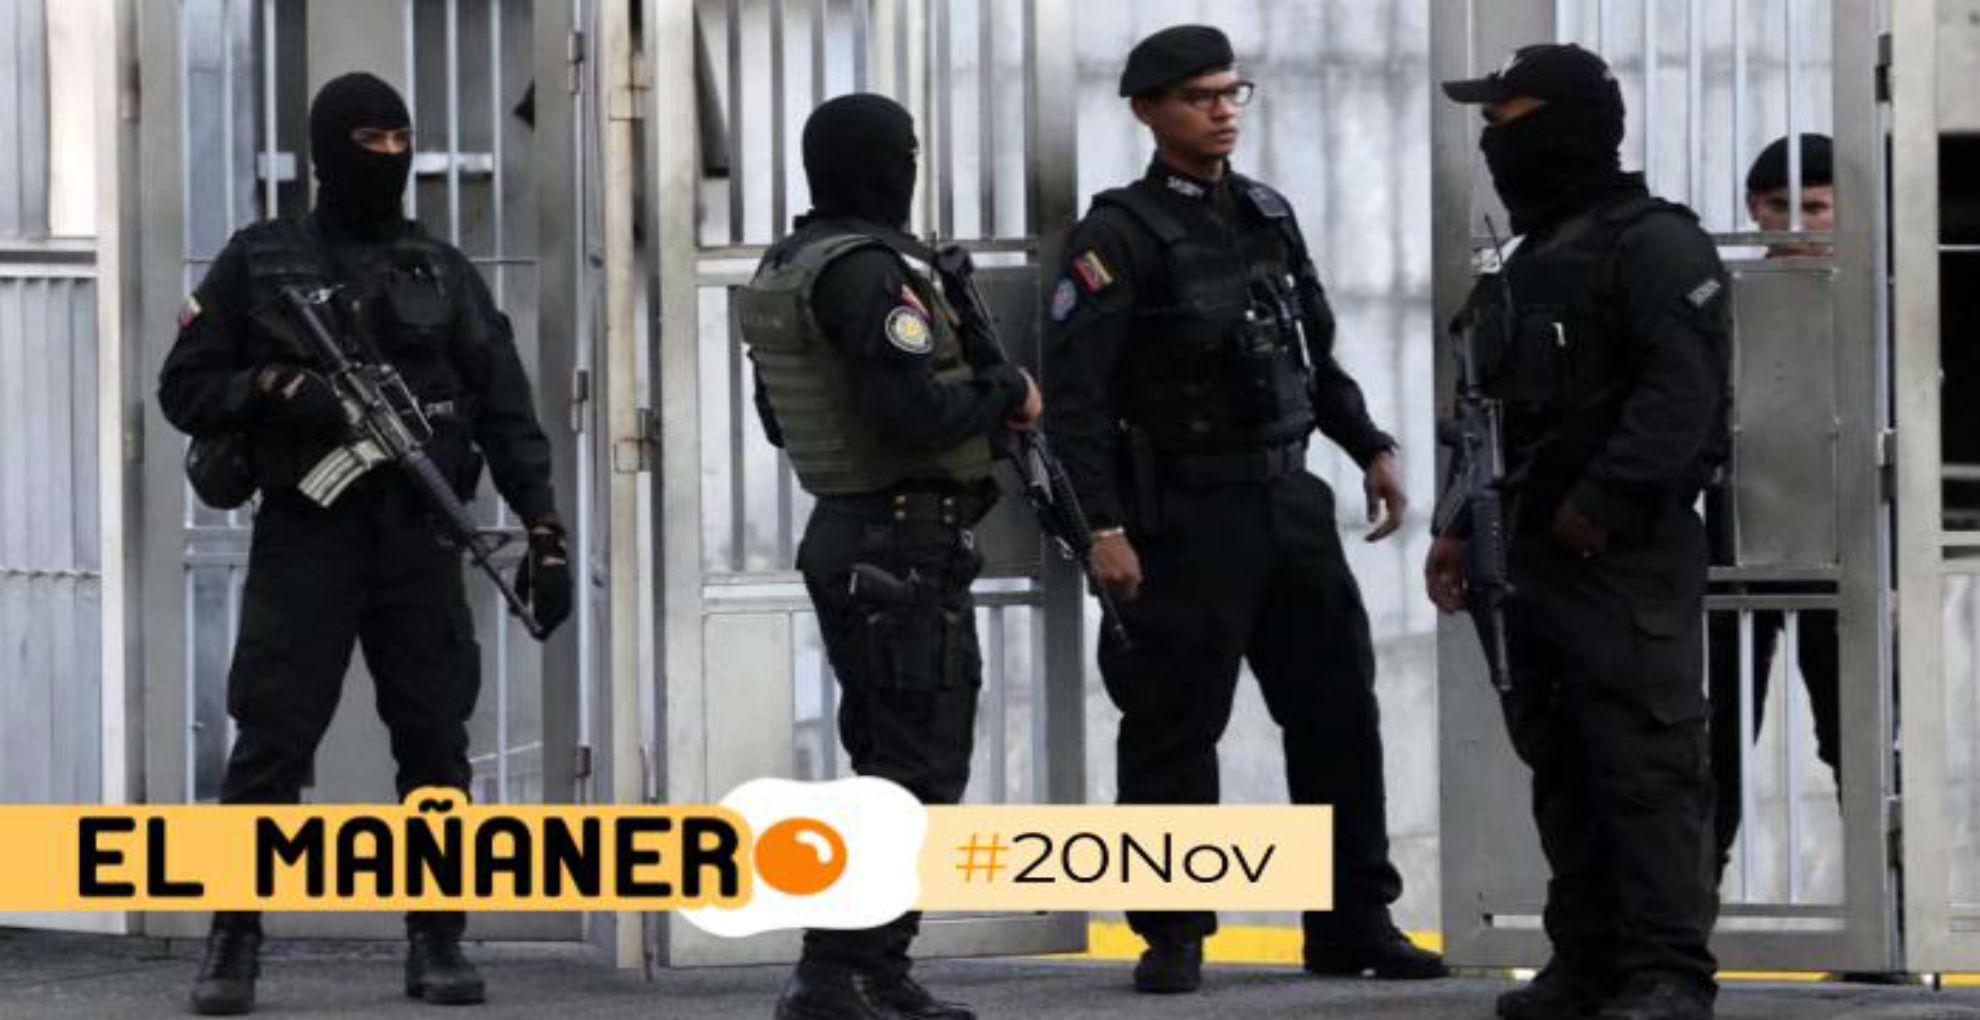 El Mañanero de hoy #20Nov: Las 8 noticias que debes saber